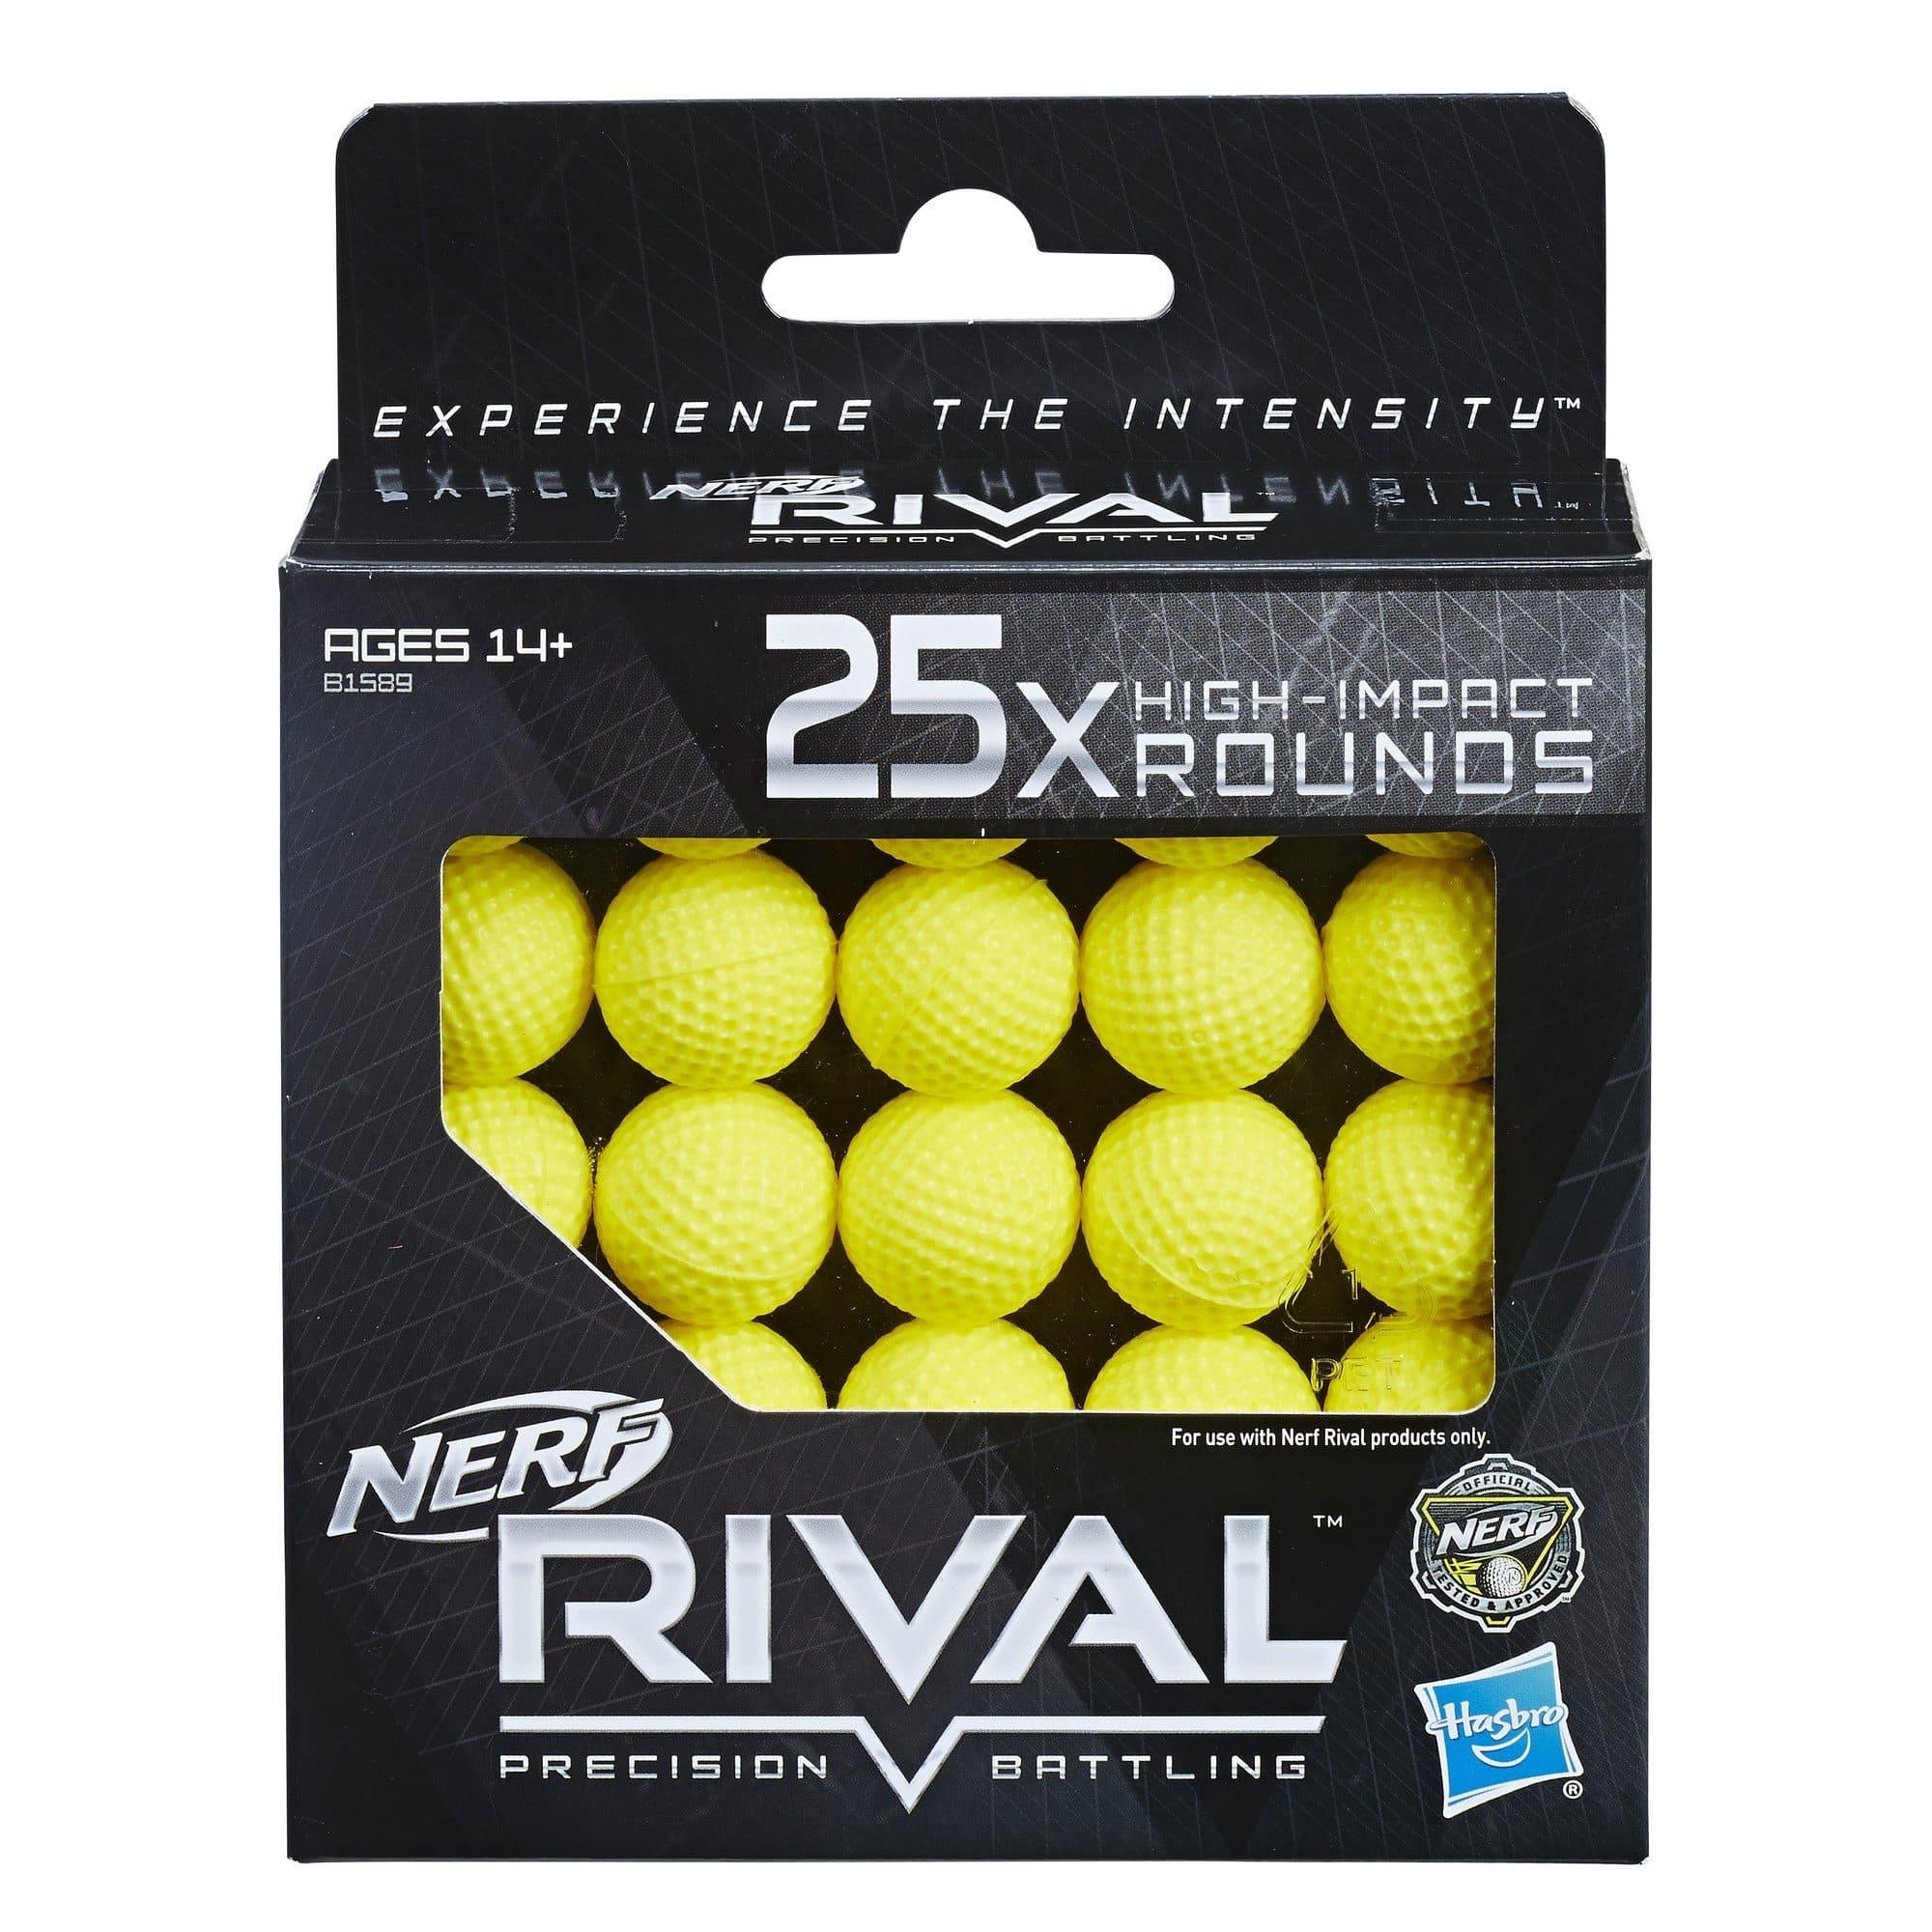 NERF決戰系列 25發球彈補充包